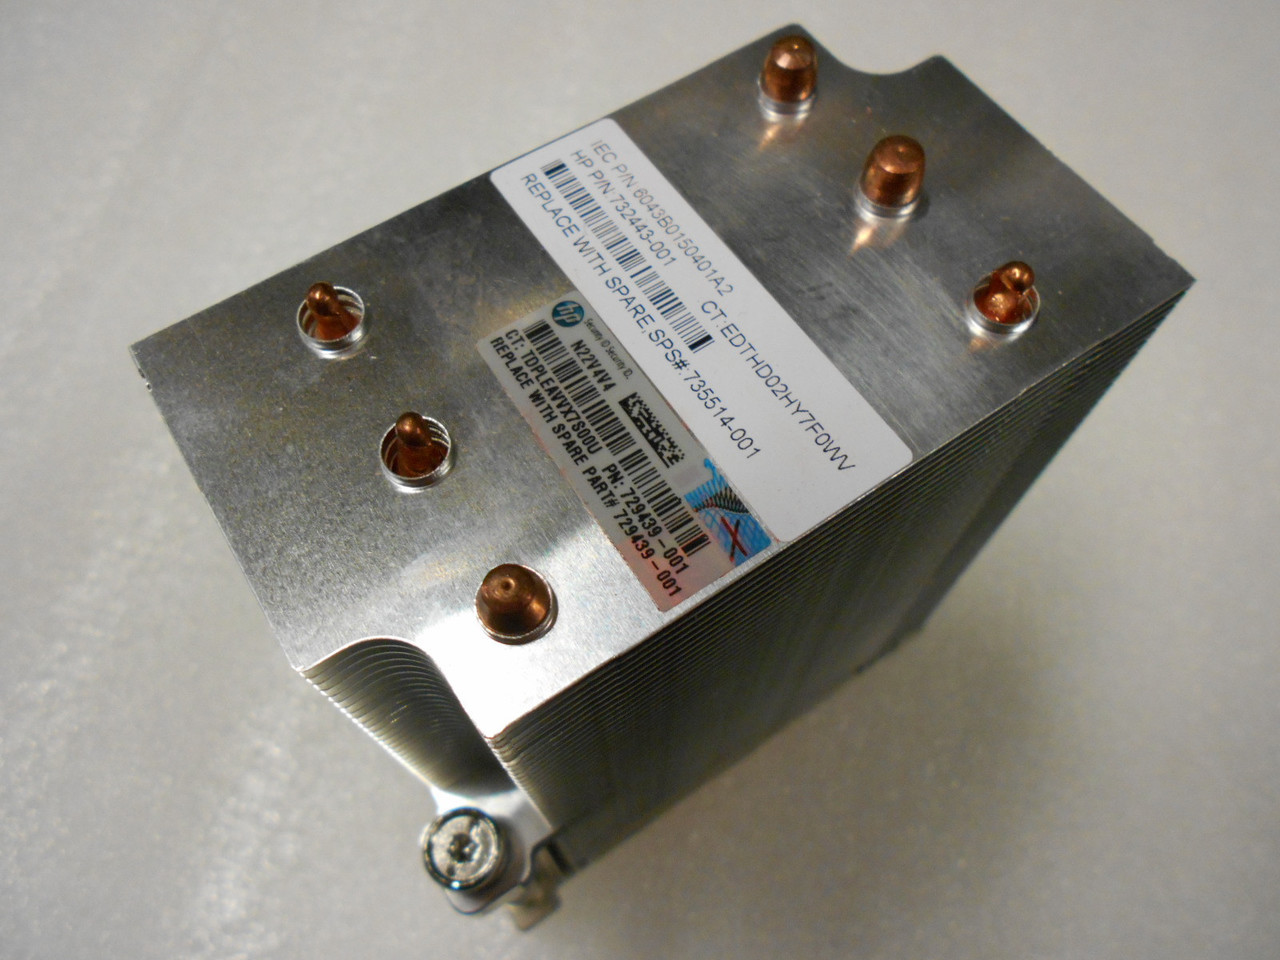 HP PROLIANT DL580 G8 SCREW TYPE SERVER HEATSINK (735514-001